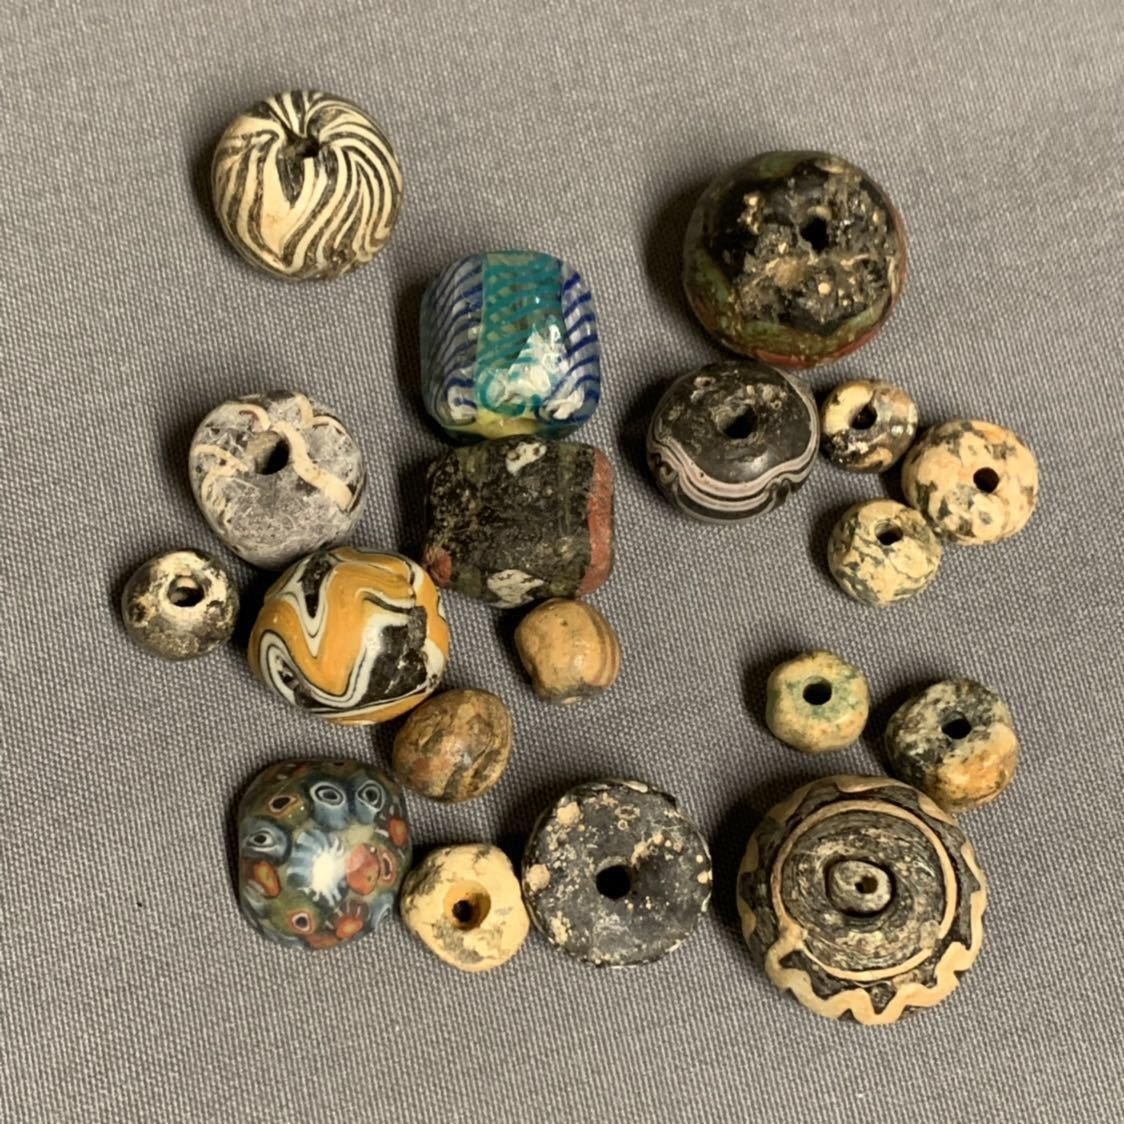 古いとんぼ玉 ビーズ 古玉など19個 コレクター ペルシャ イラン 古代ローマ_画像10